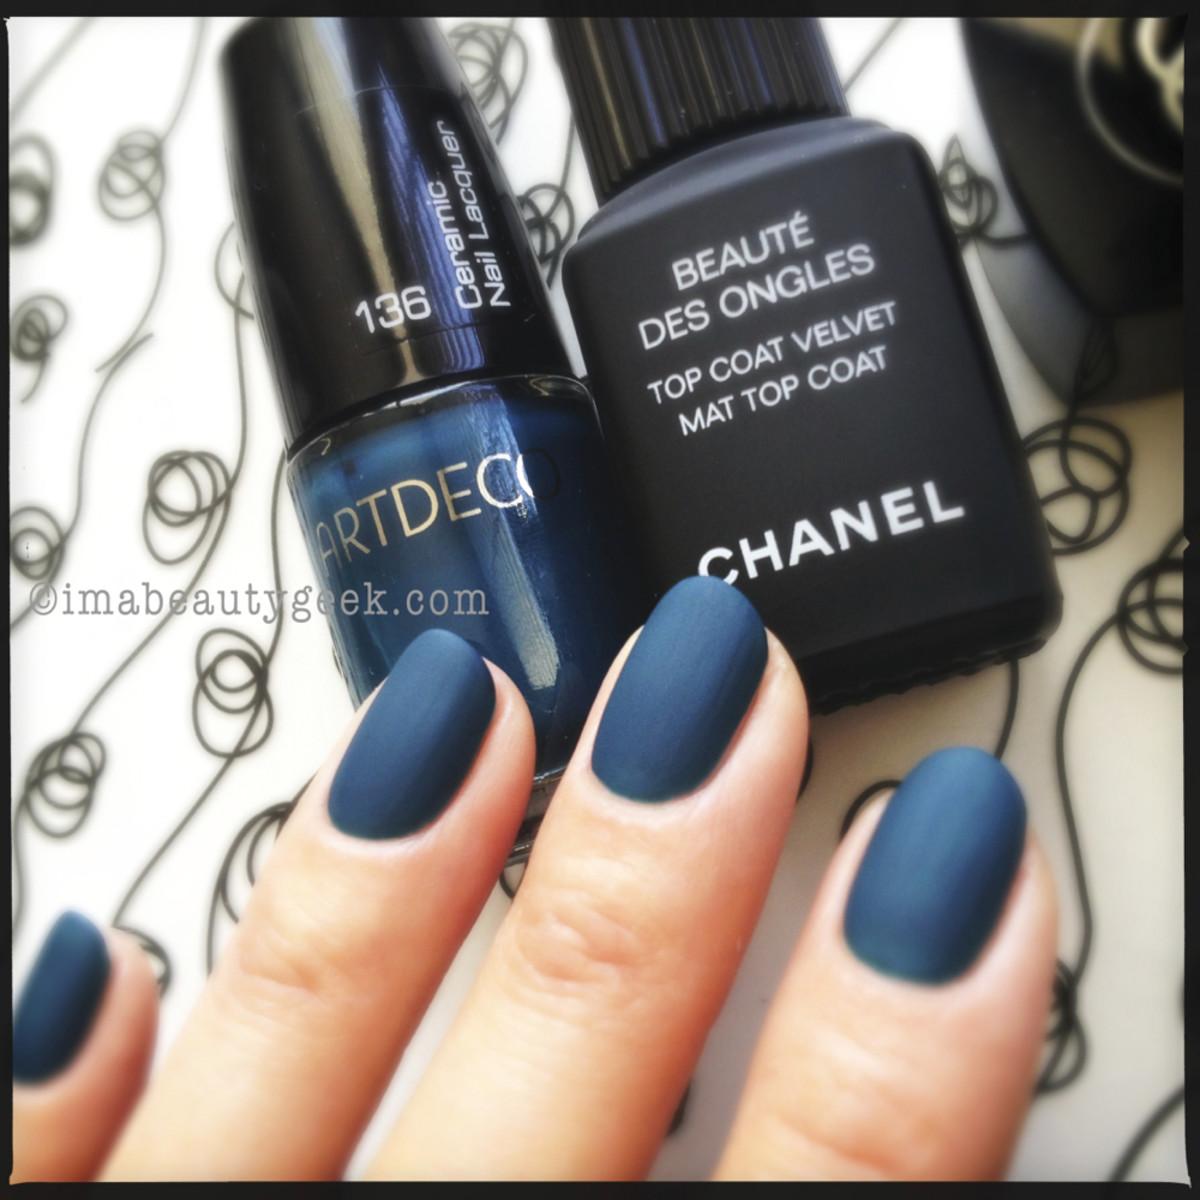 Chanel Mat Top ARTDECO 136